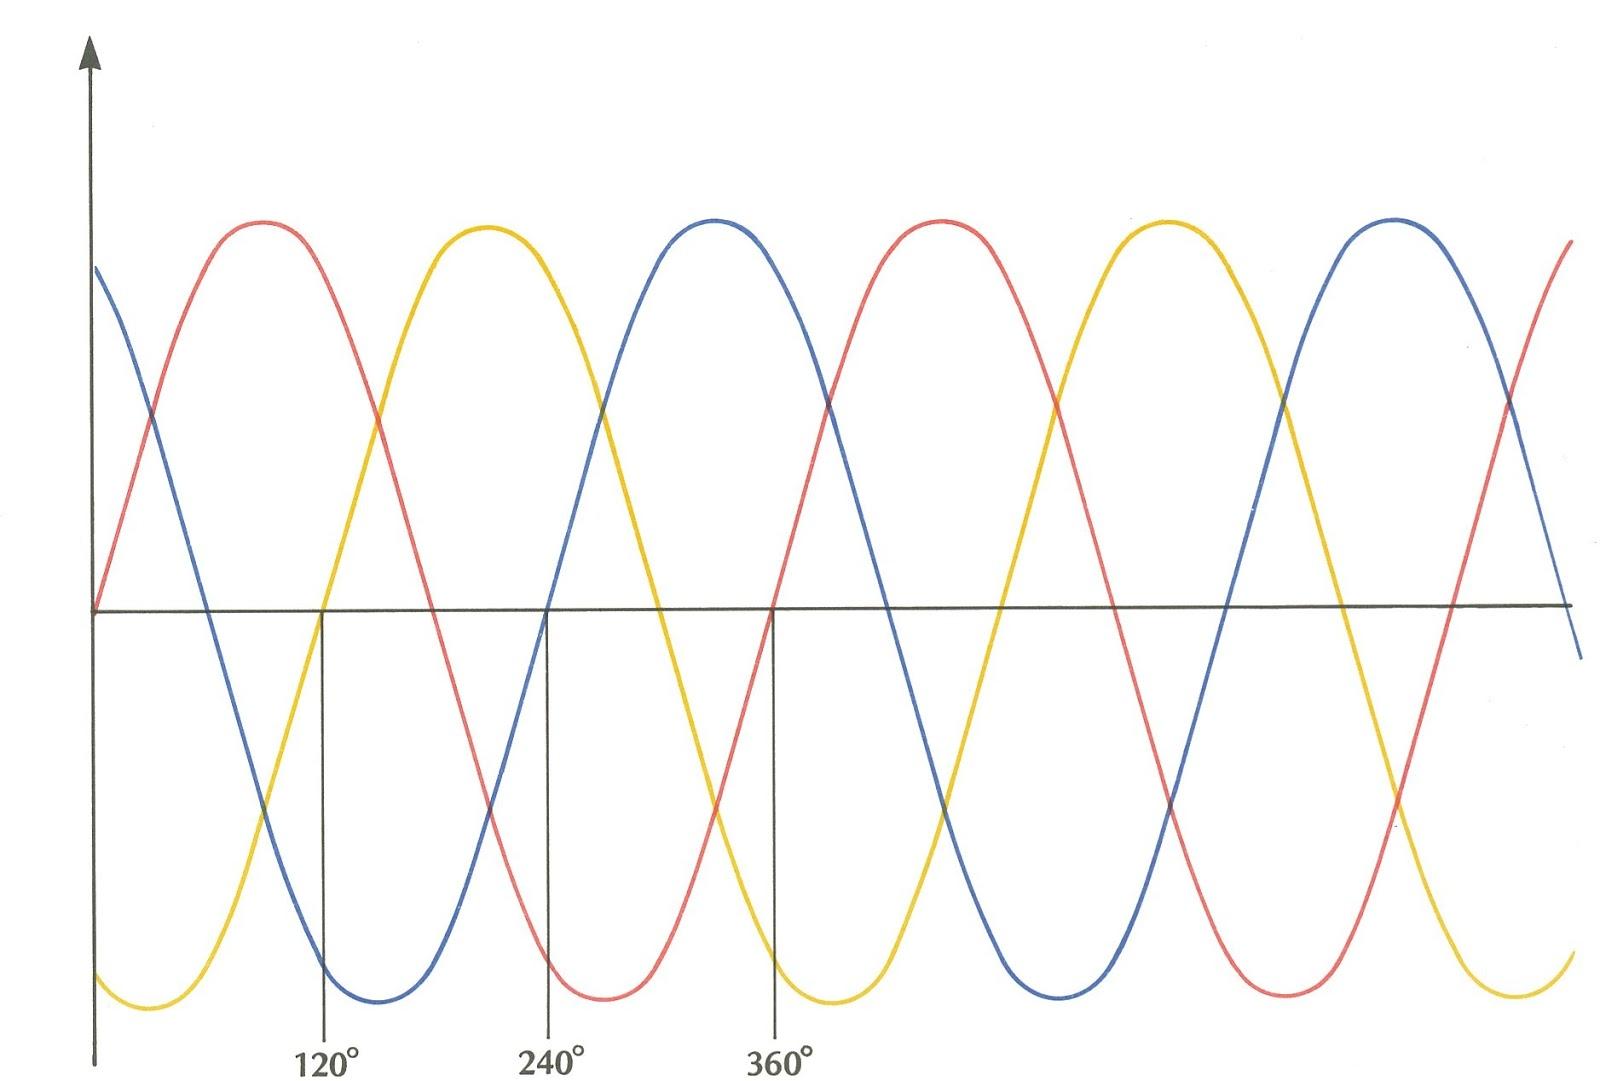 medium resolution of allis chalmers ca wiring diagram images allis chalmers b c ca allis chalmers wiring schematic nilza b c